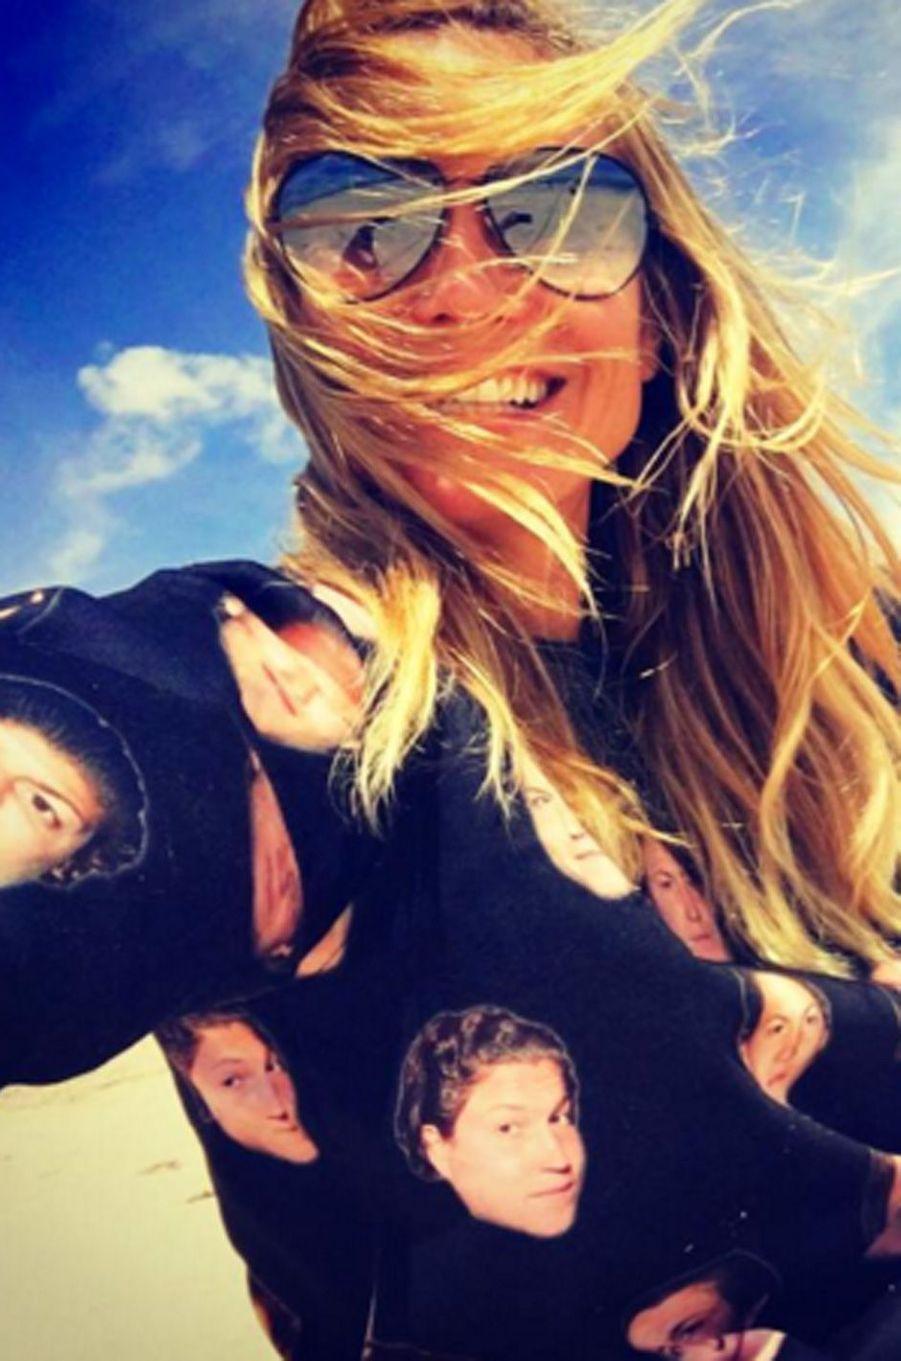 Heidi Klum en plein journée plage pour le 4 Juillet